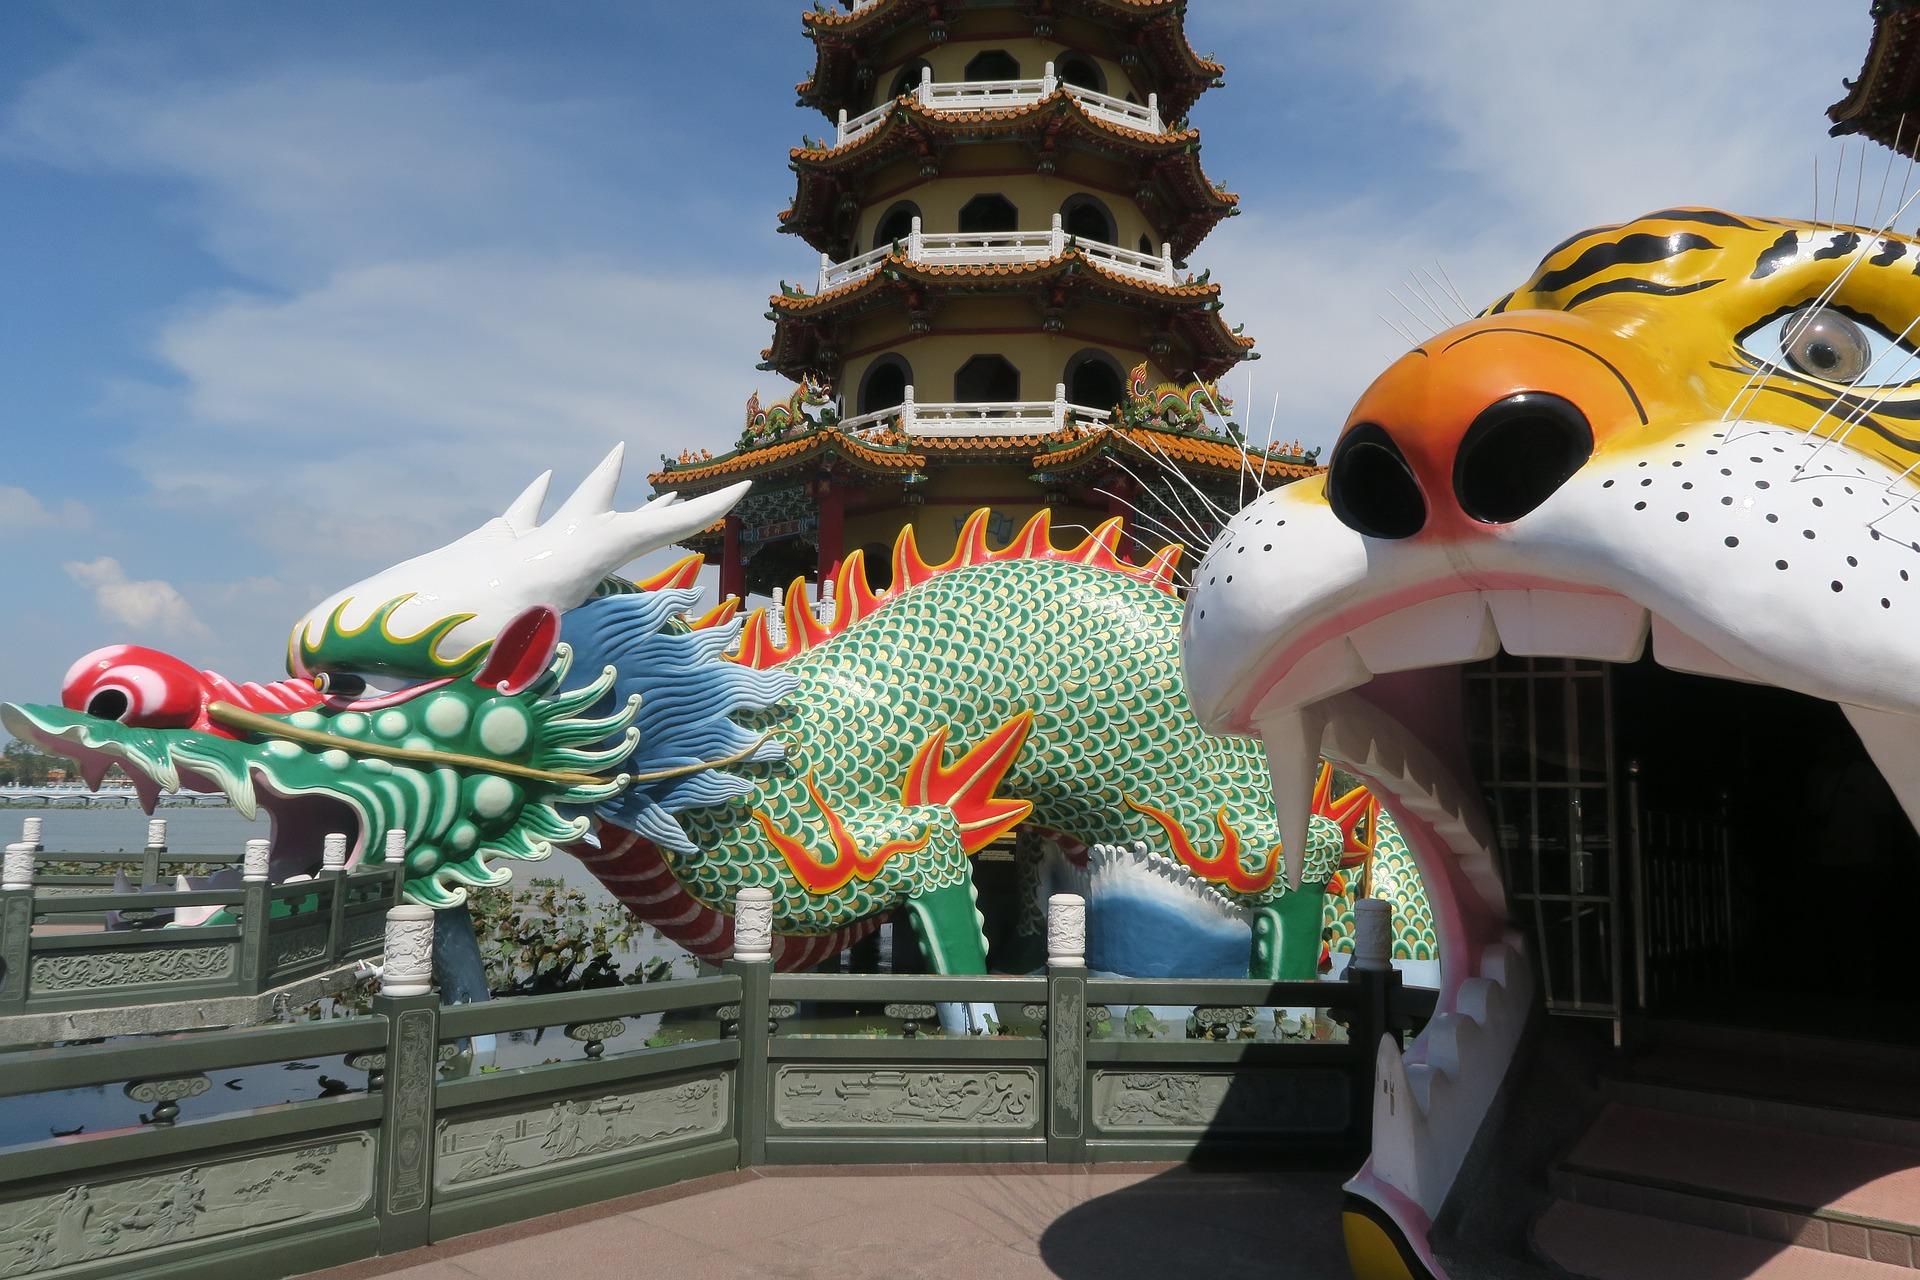 おすすめ関連情報 高雄旅行人気アクティビティ 台湾旅行 高雄観光 旅TIME